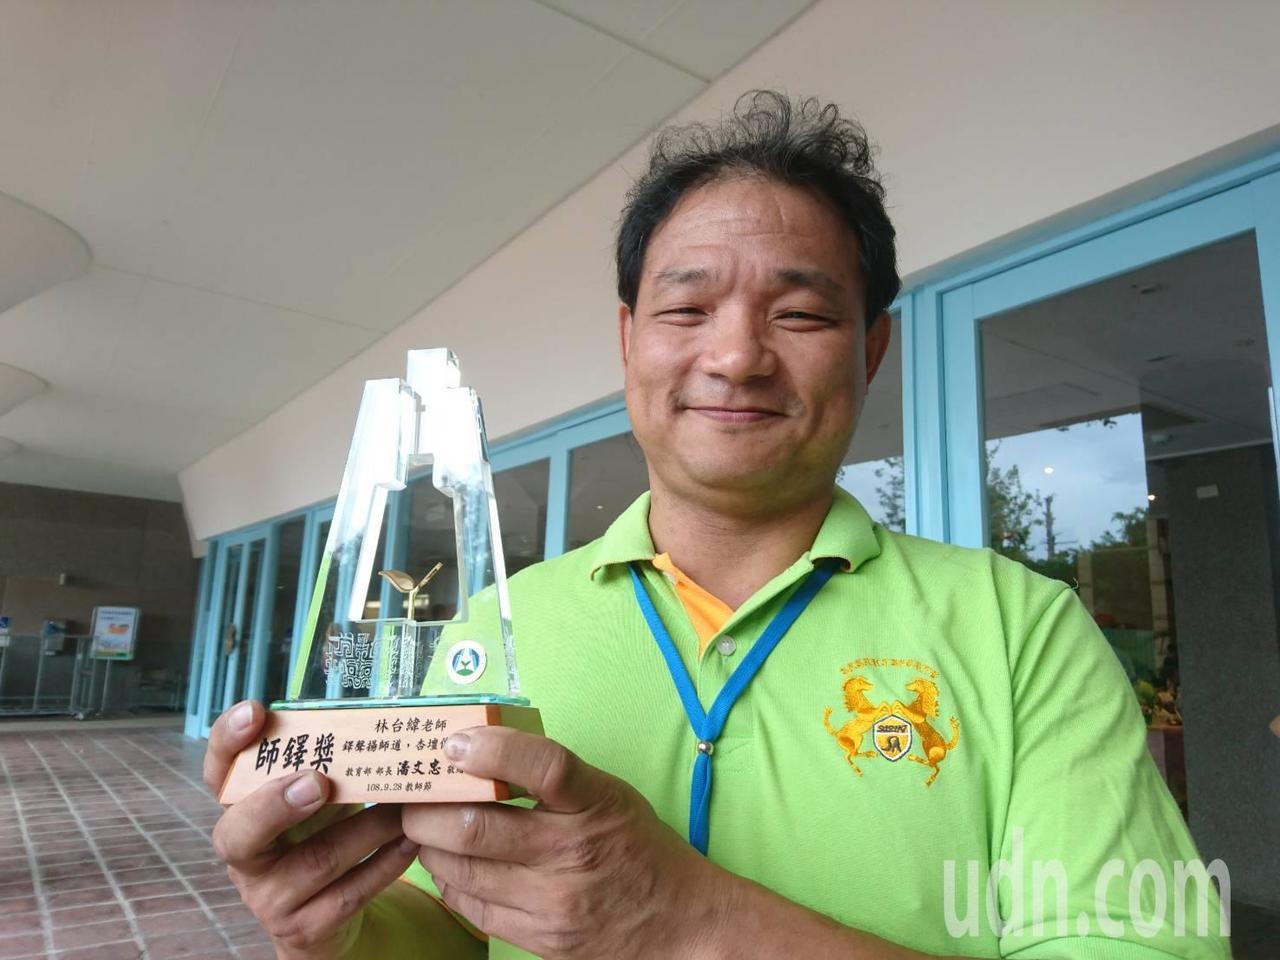 宜蘭縣蘇澳國小老師林台緯獲得最高榮譽的師鐸獎。記者羅建旺/攝影